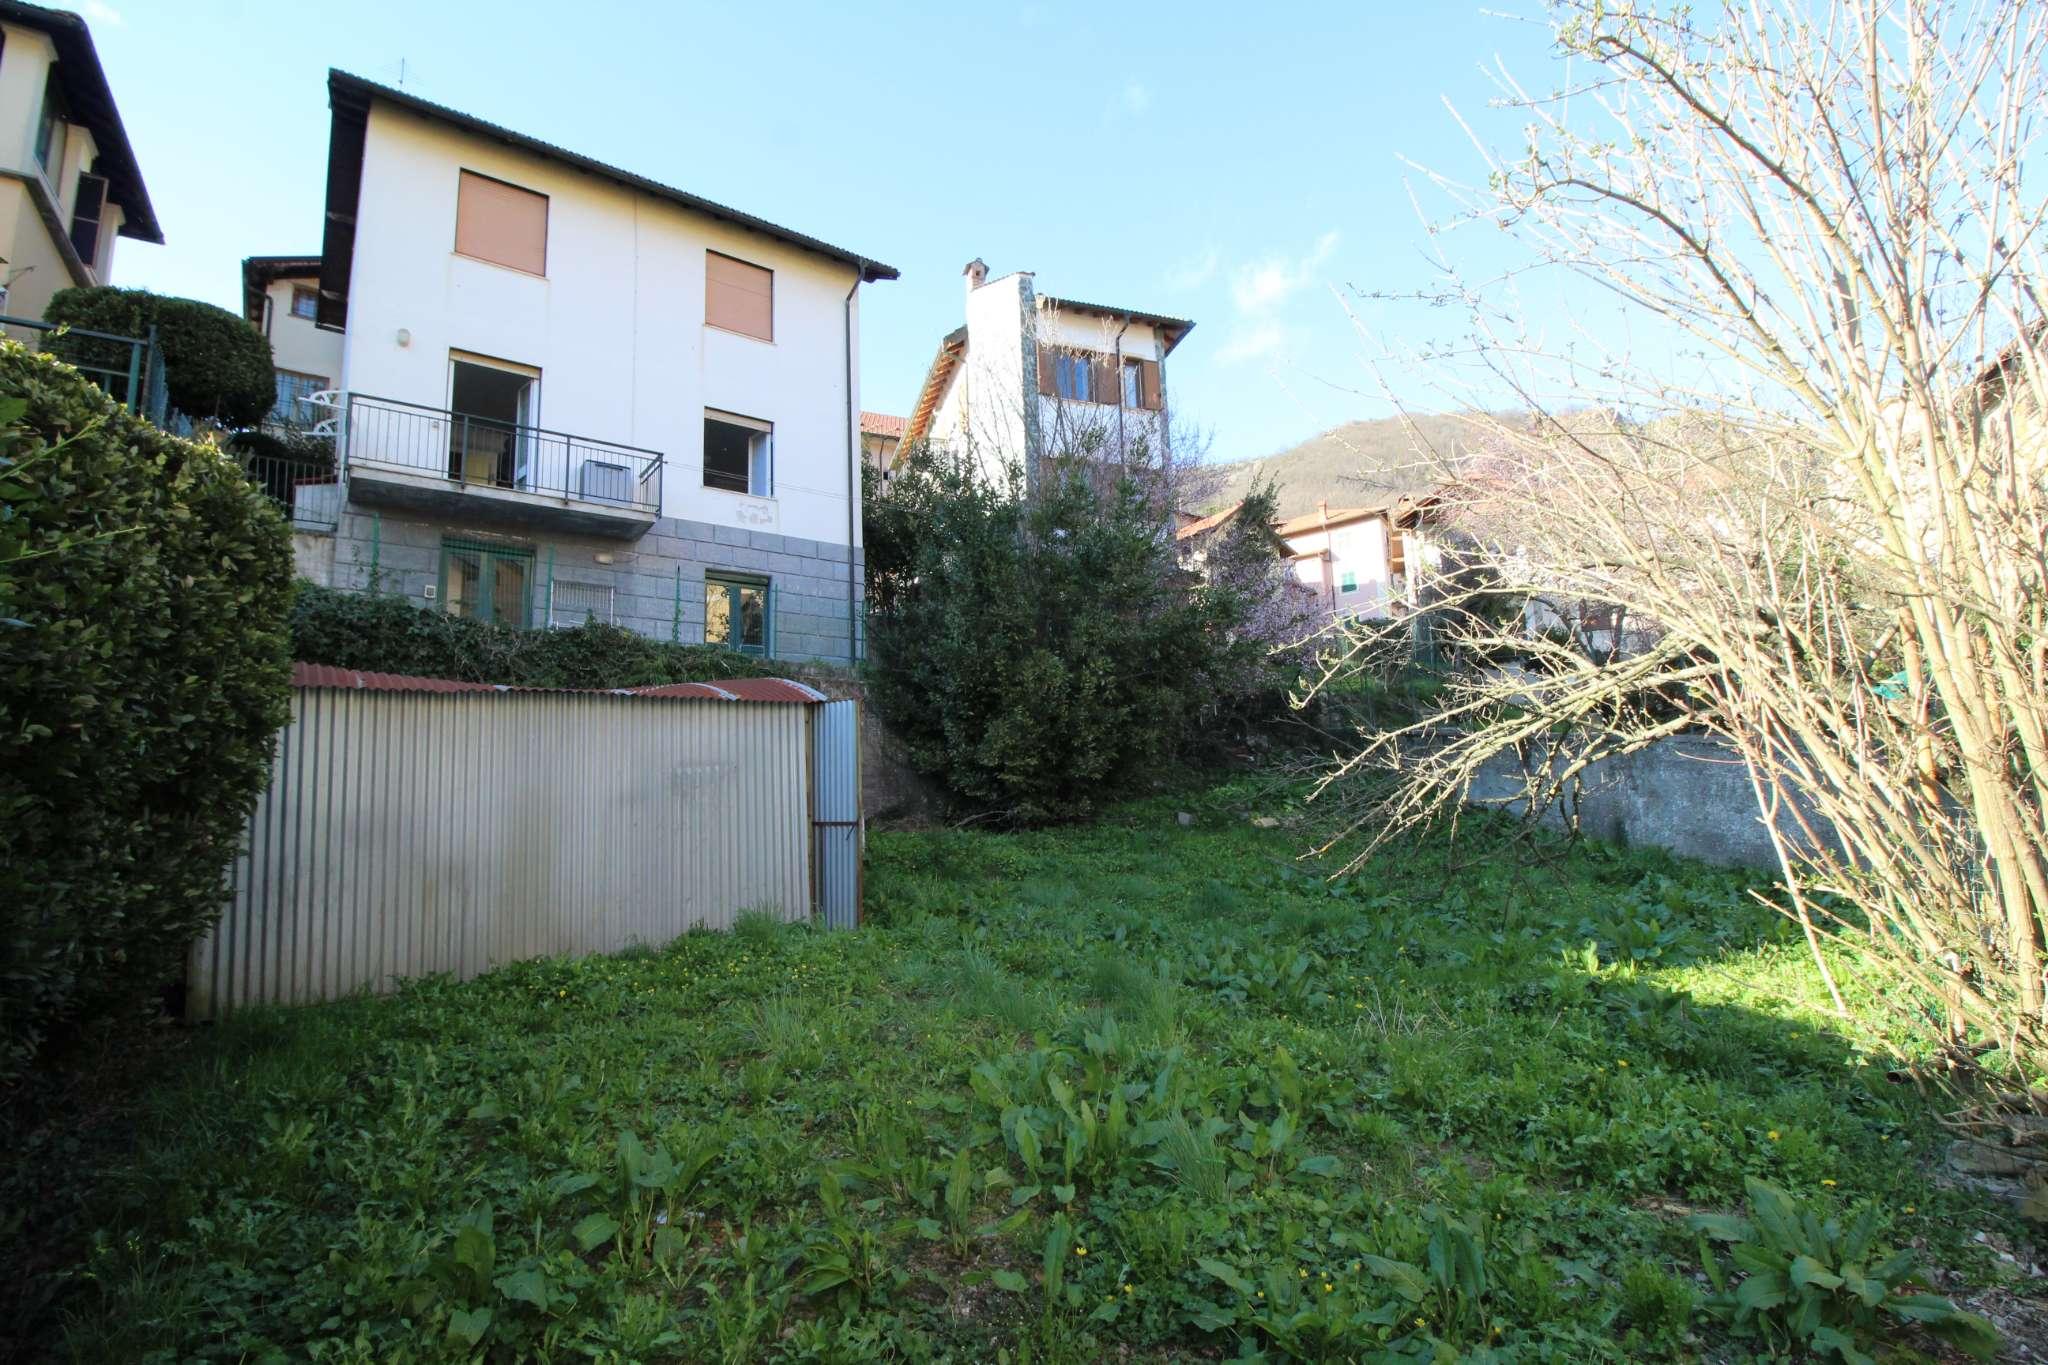 Villa in vendita a Savignone, 5 locali, prezzo € 120.000   PortaleAgenzieImmobiliari.it